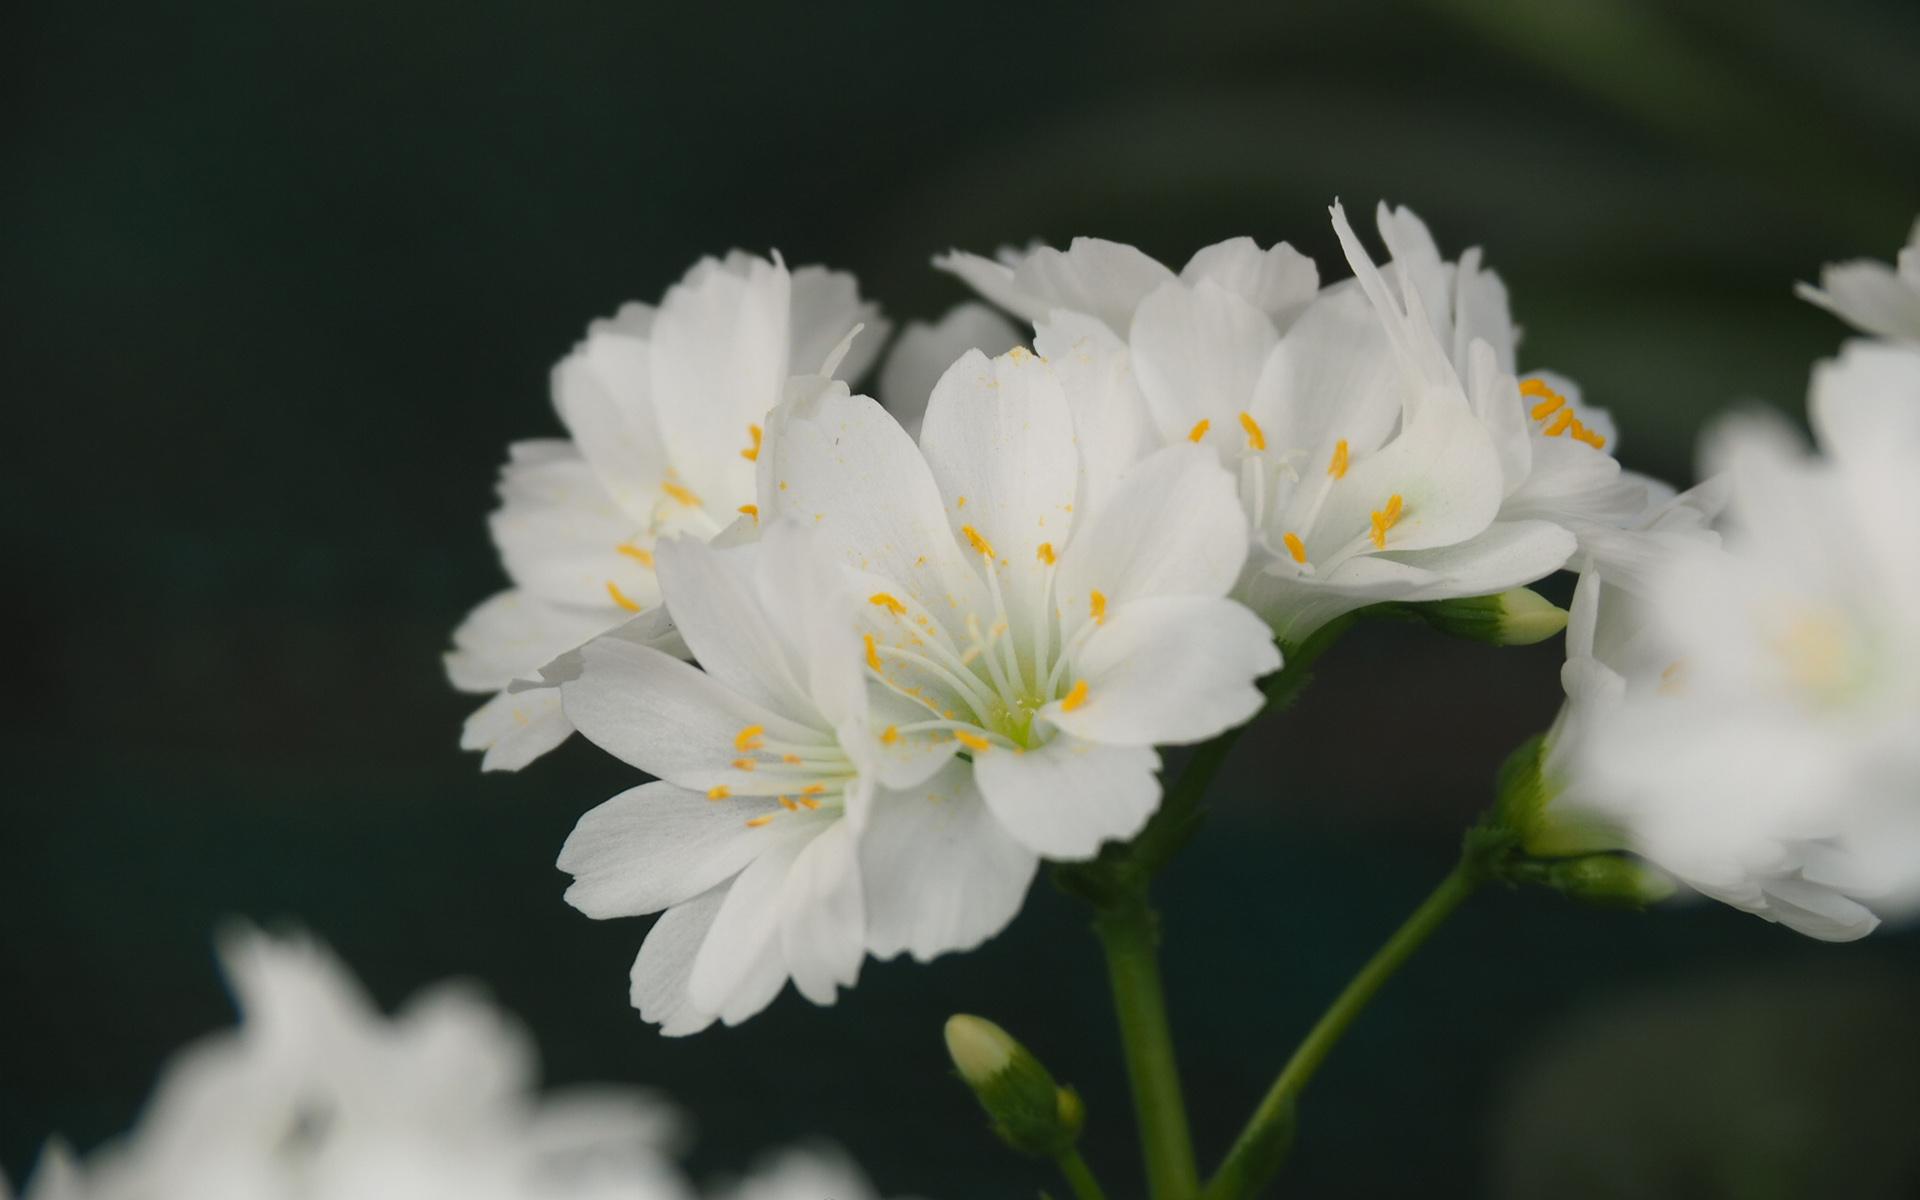 白色的花朵露薇花唯美护眼高清桌面壁纸